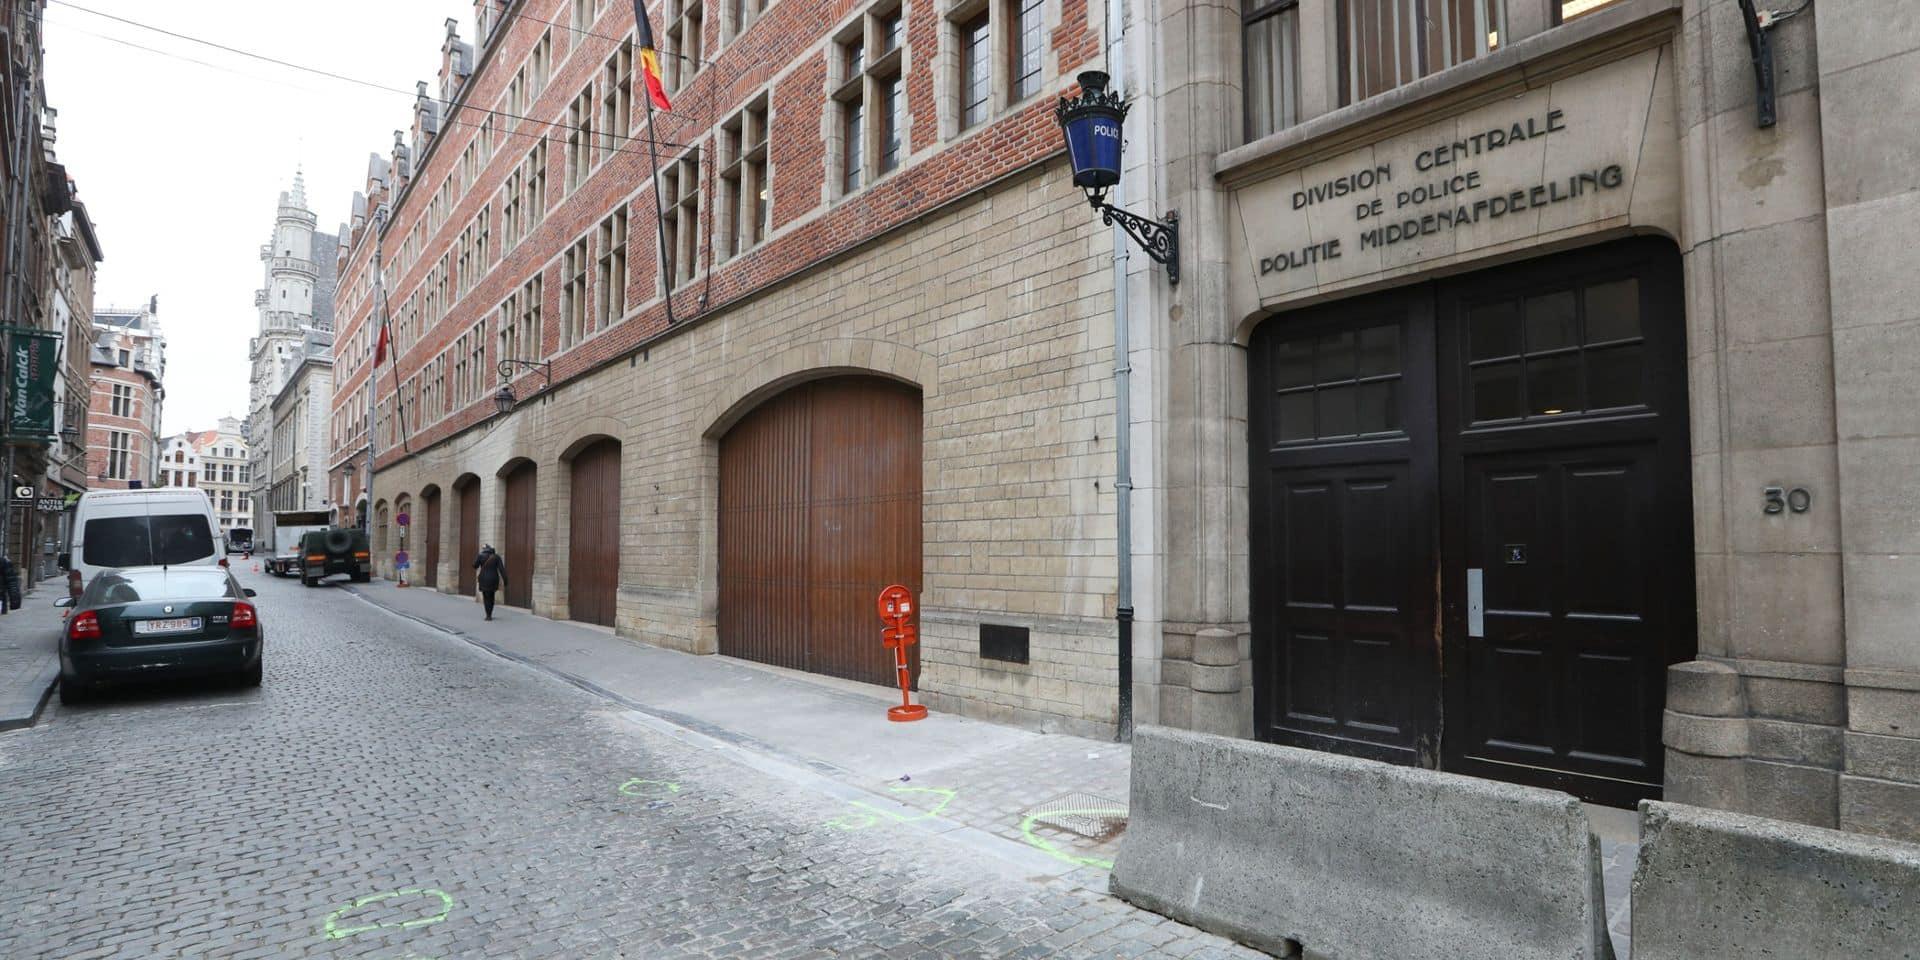 Le commissariat du Marché au Charbon, en plein centre de Bruxelles, ferme pendant un mois